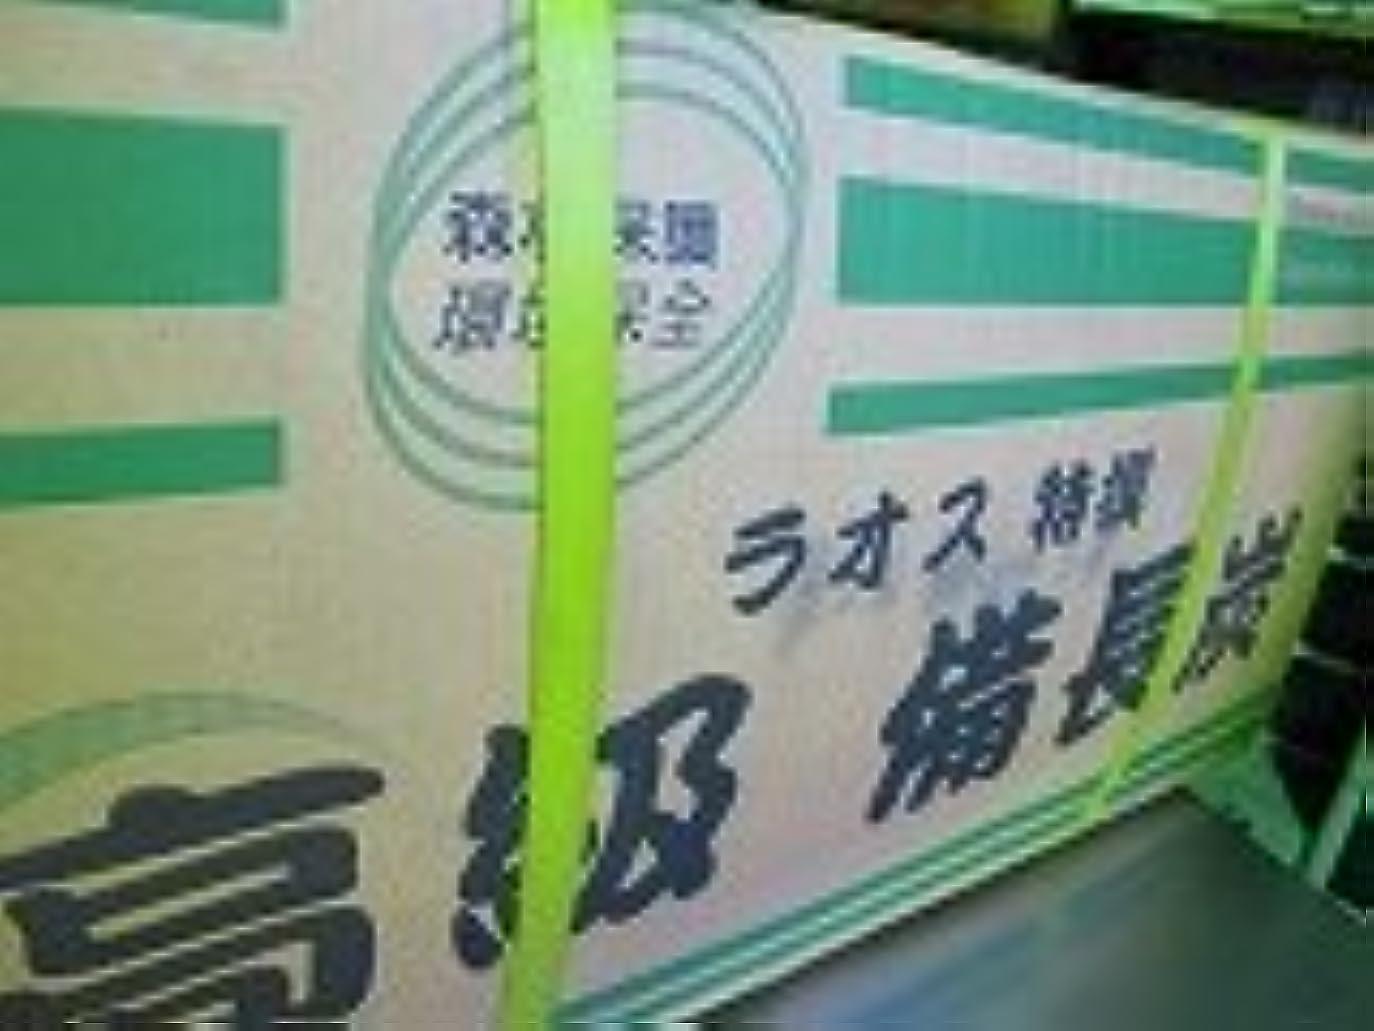 ラオス備長炭、切丸、15㎏、Mサイズ、はじきにくく、扱いやすい、業務用にも最適